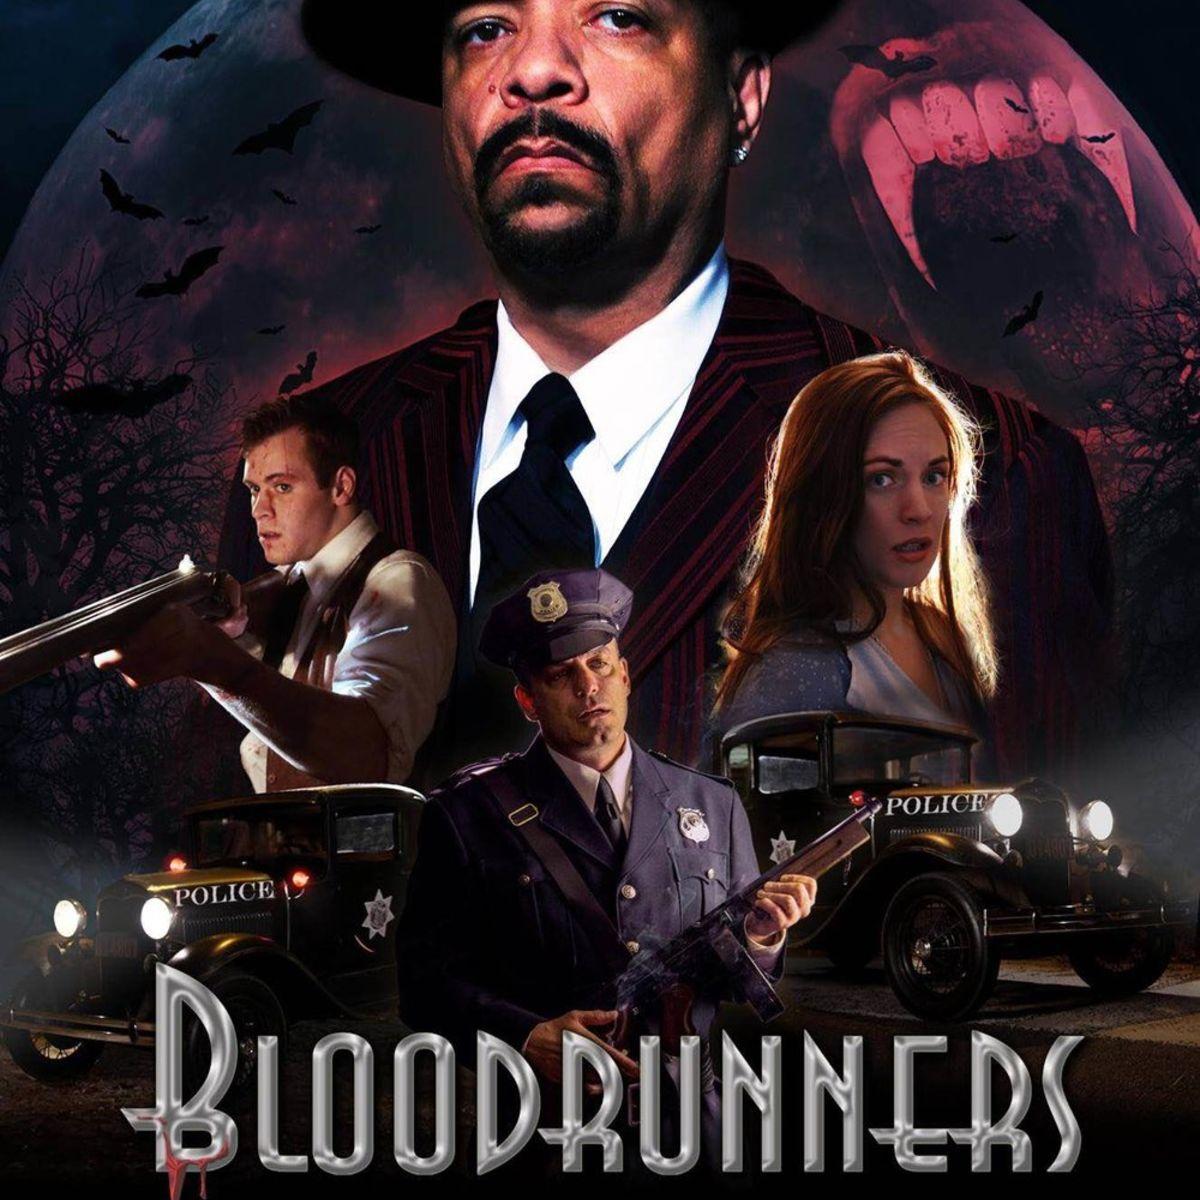 Bloodrunners-poster_1.jpg